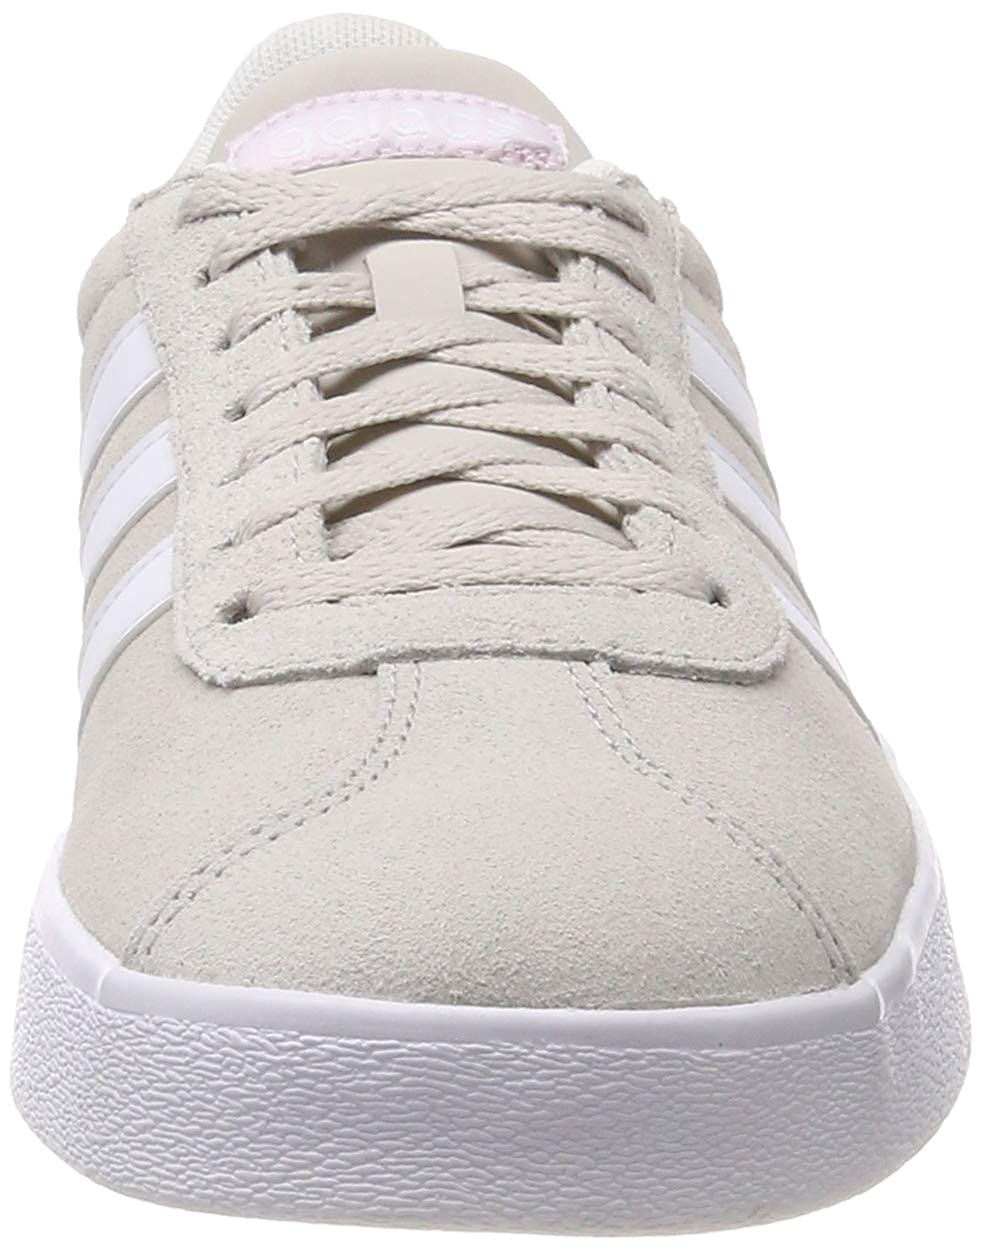 Adidas Damen Vl Court 2.0 Fitnessschuhe    3640b1